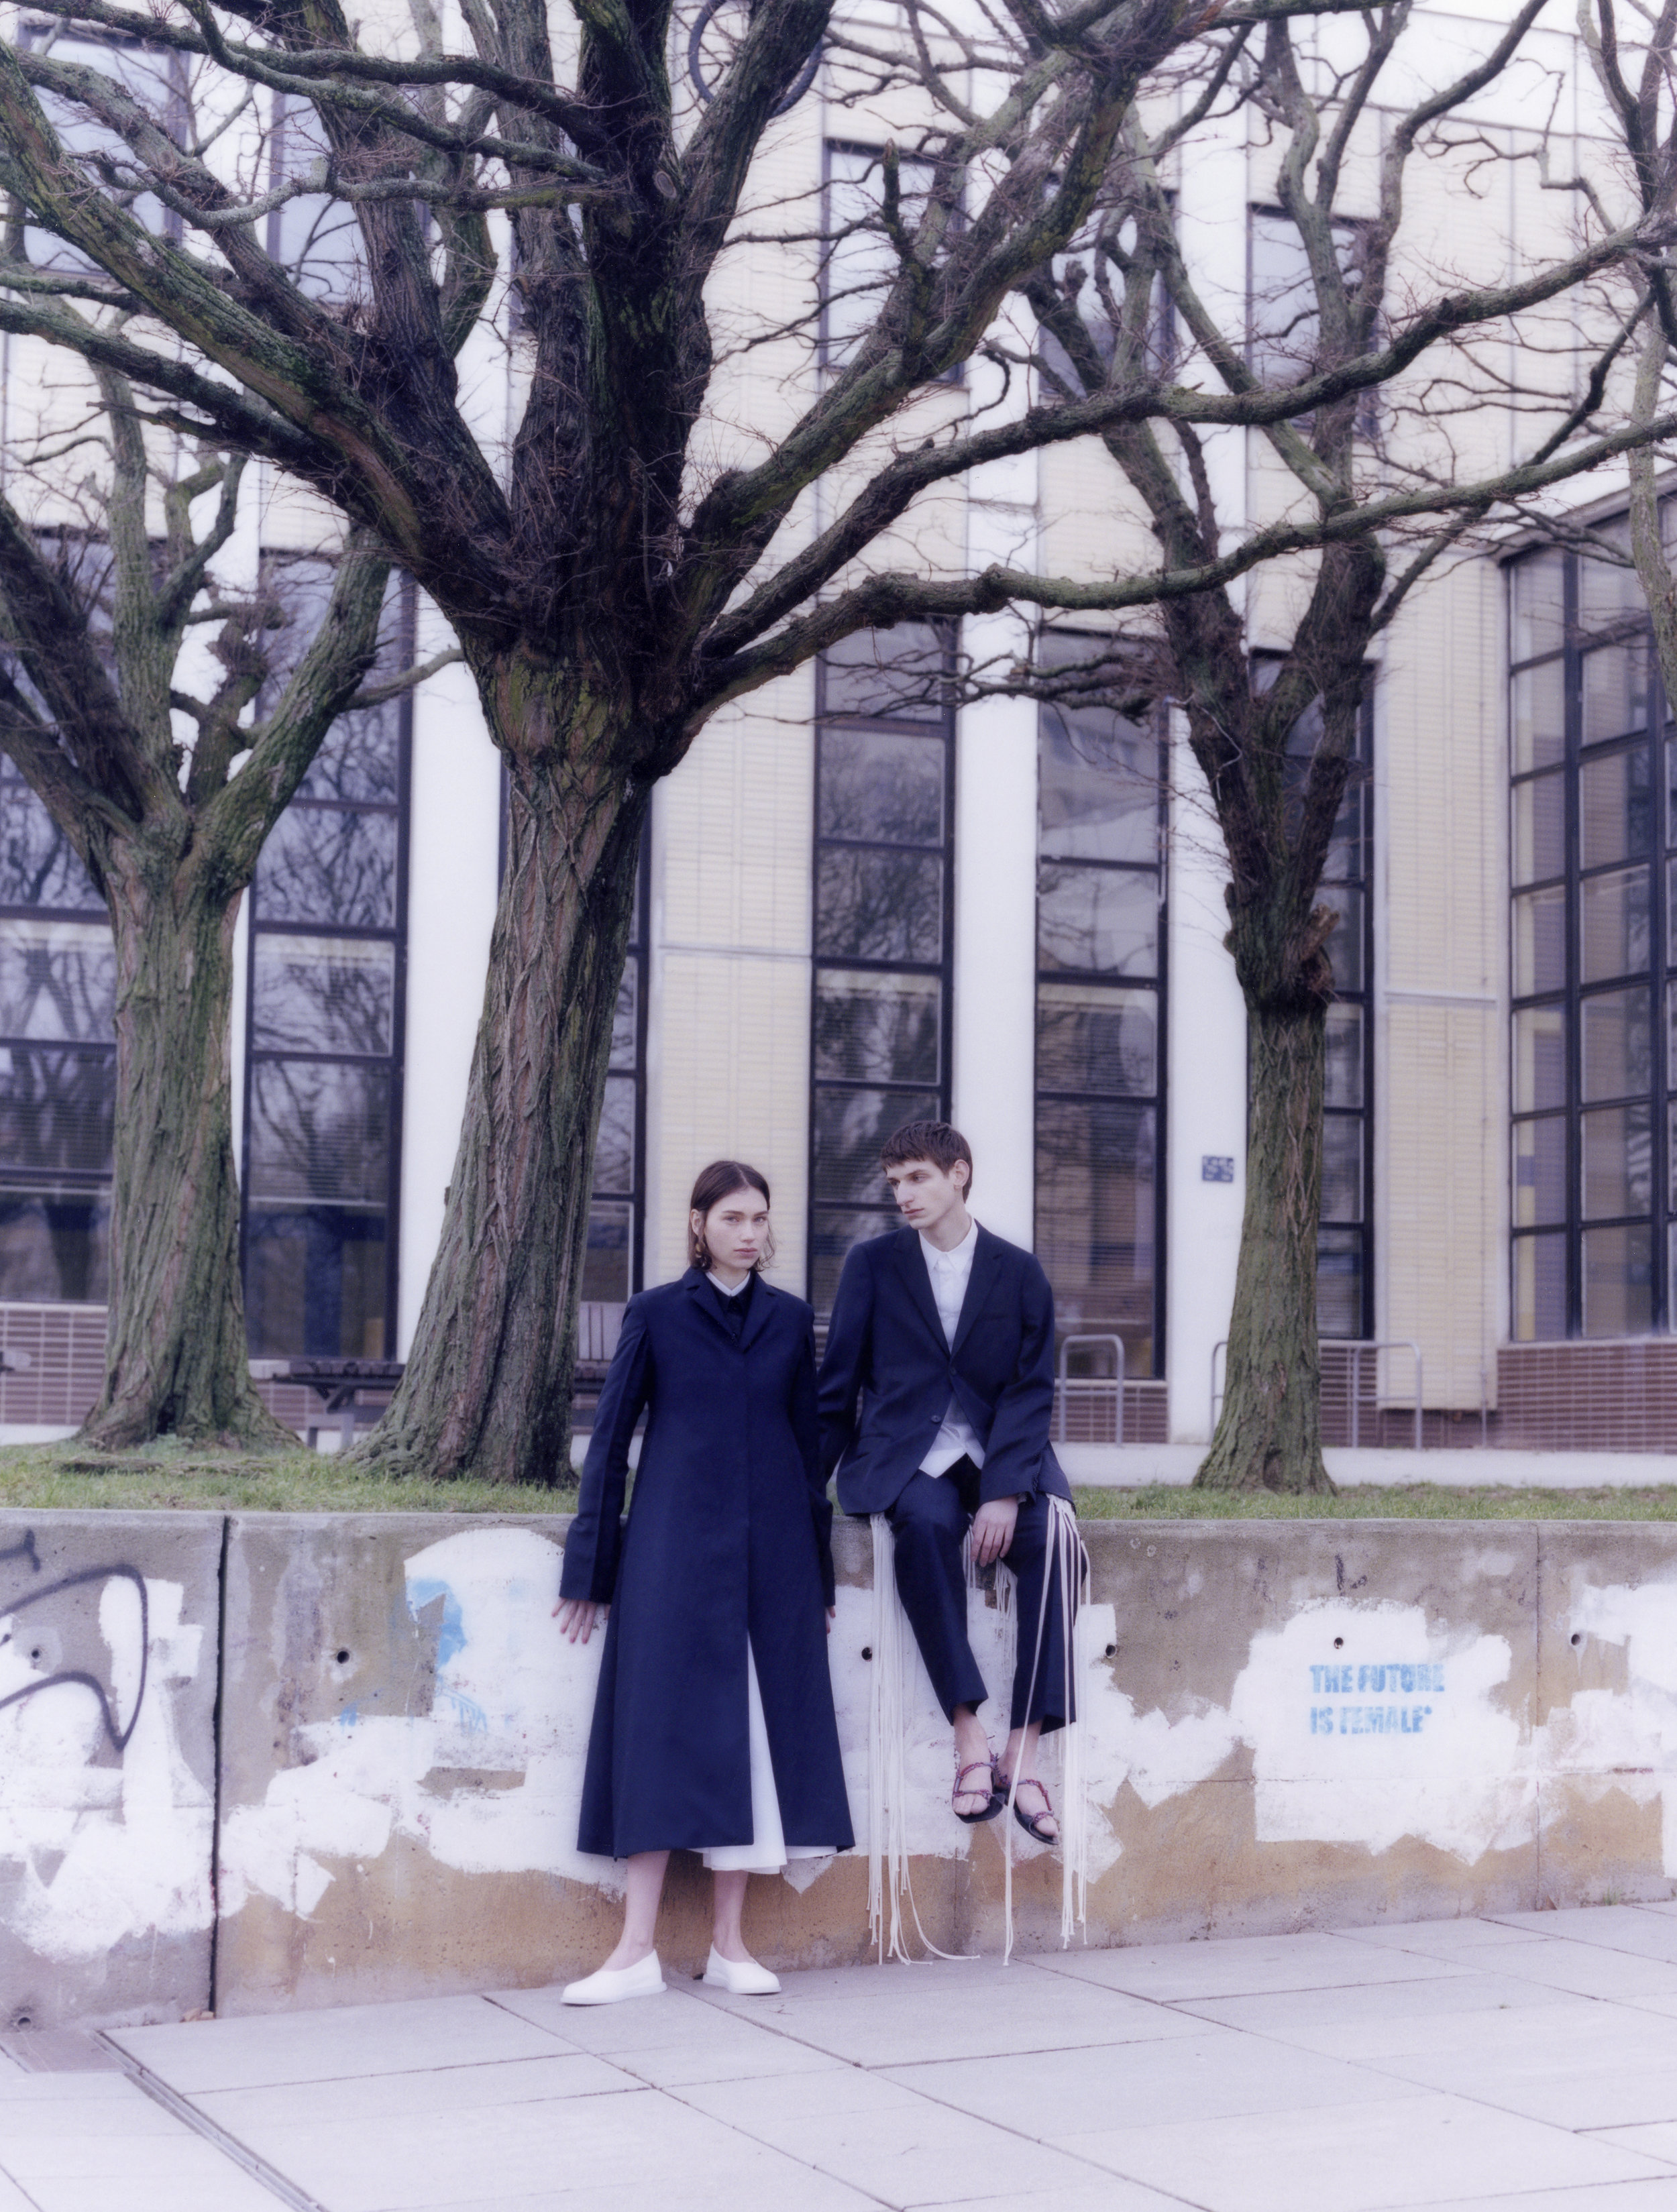 Rebecca viste chaqueta de  LEMAIRE , vestidoy abrigo de  JIL SANDER  y zapatos de  CAMPER.  Adrian viste  total look  de  JIL SANDER .